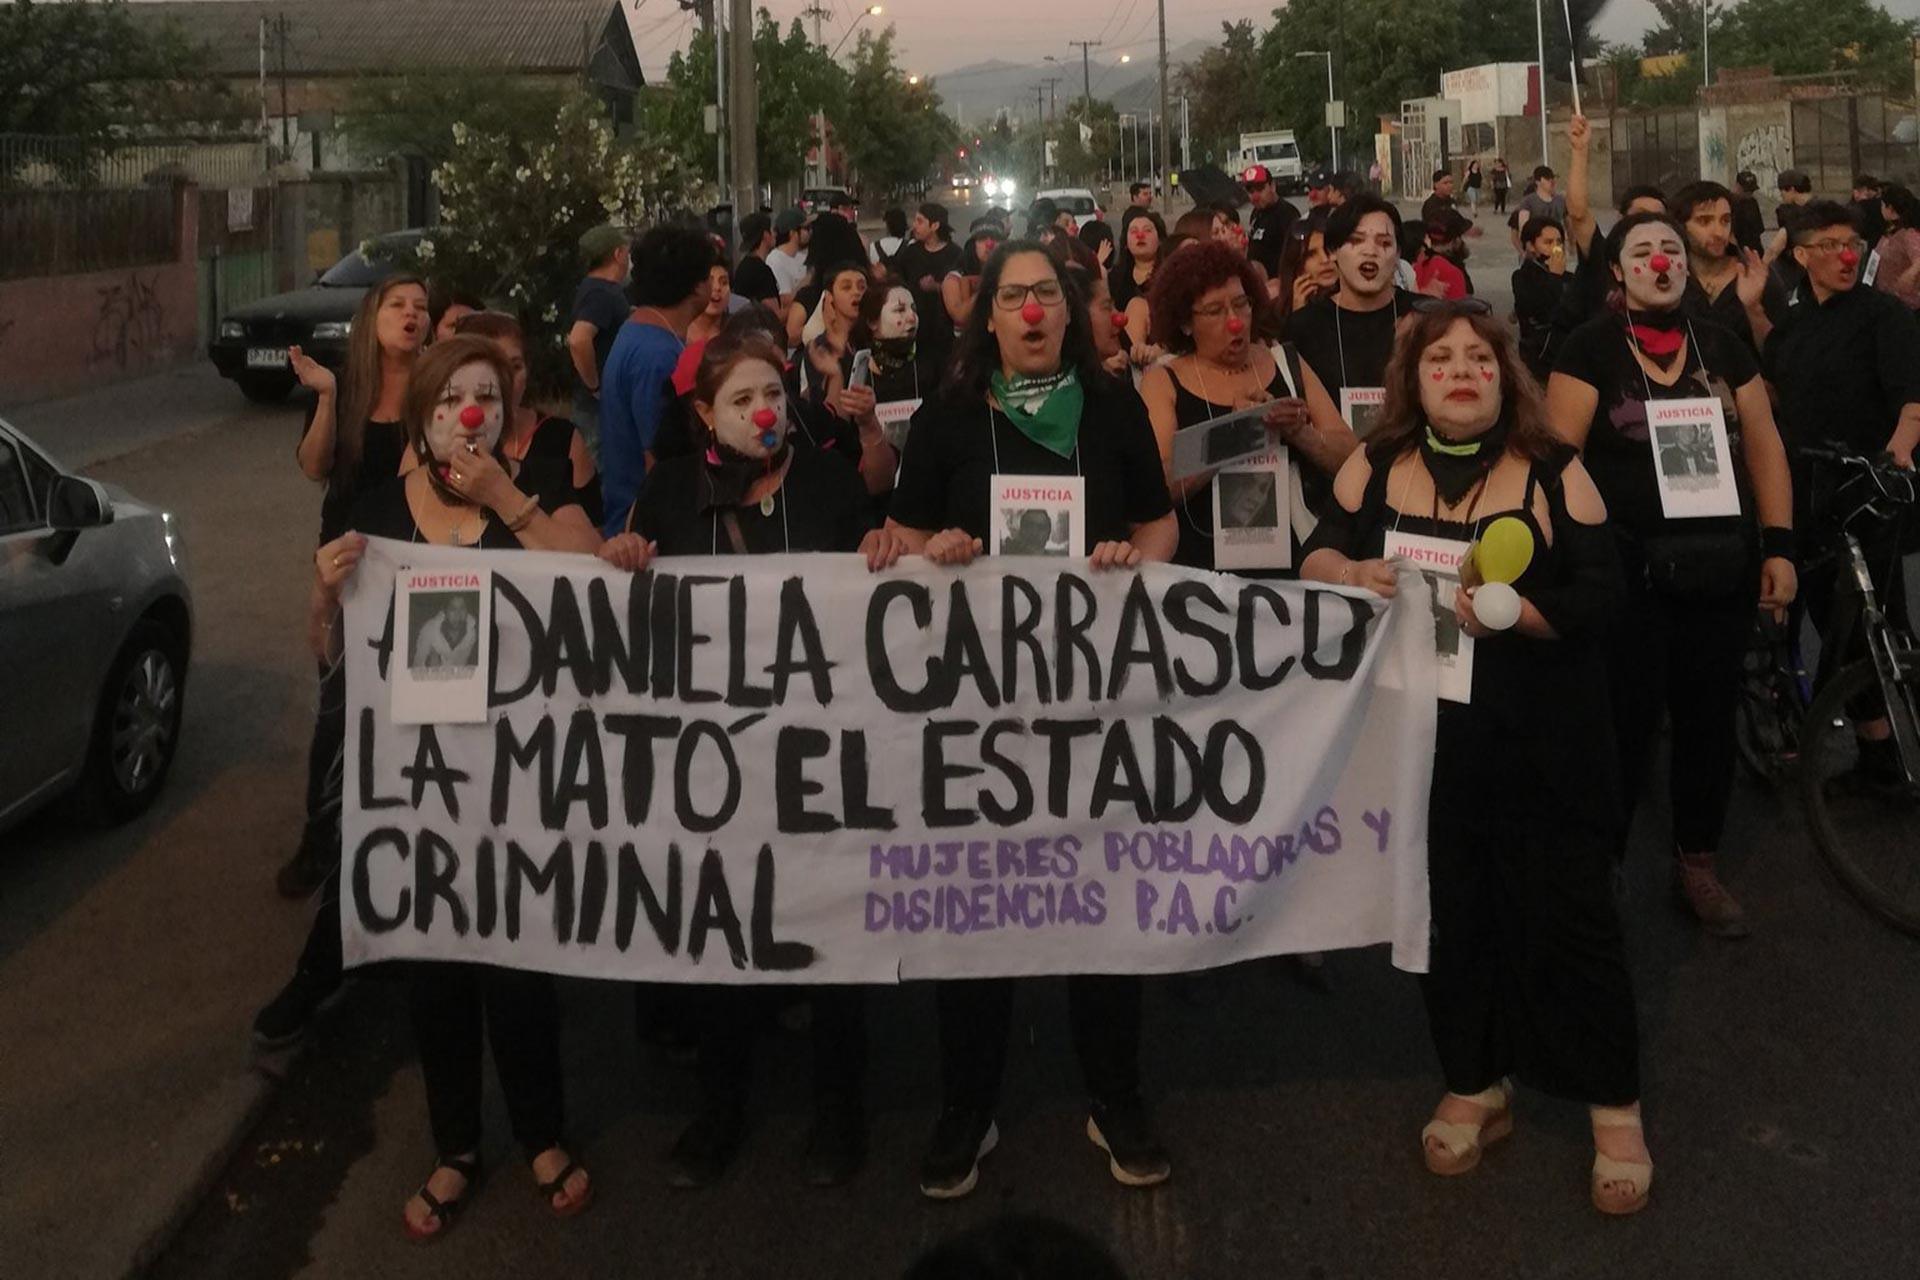 Öldürülen Daniela Carrasco için yapılan eylem